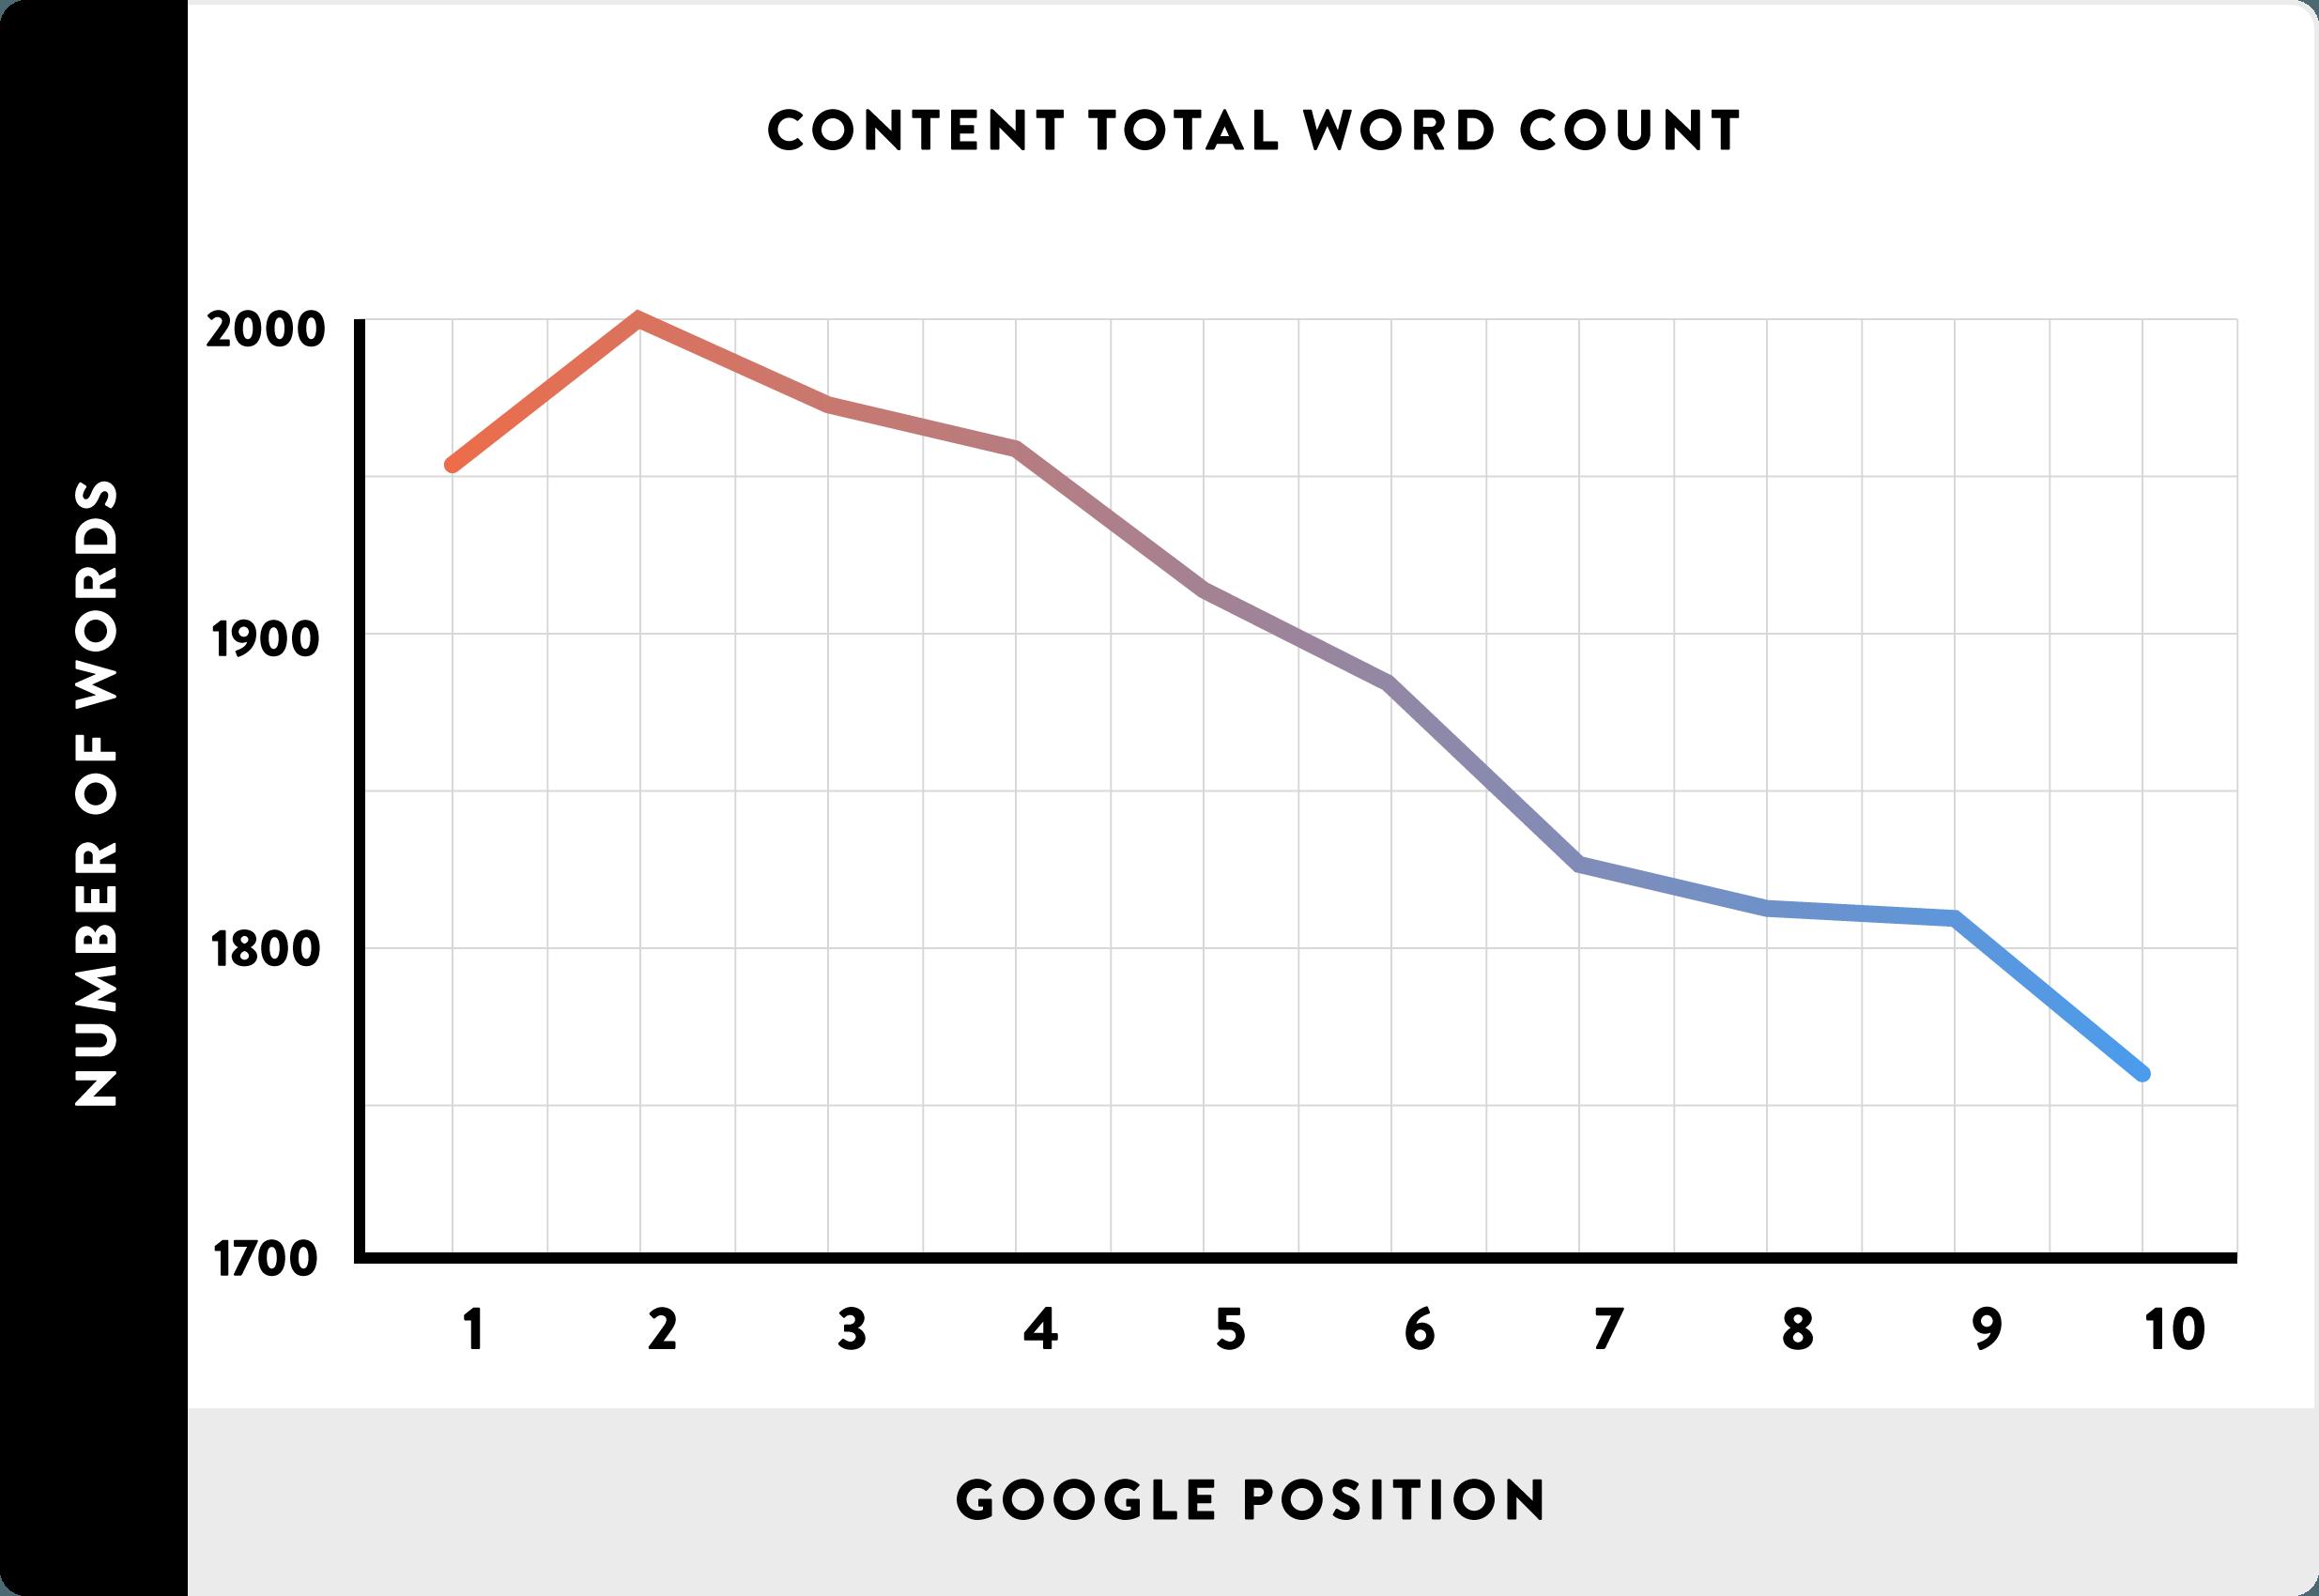 محتویات طولانی بالاتر از مطالب کوتاهتر است